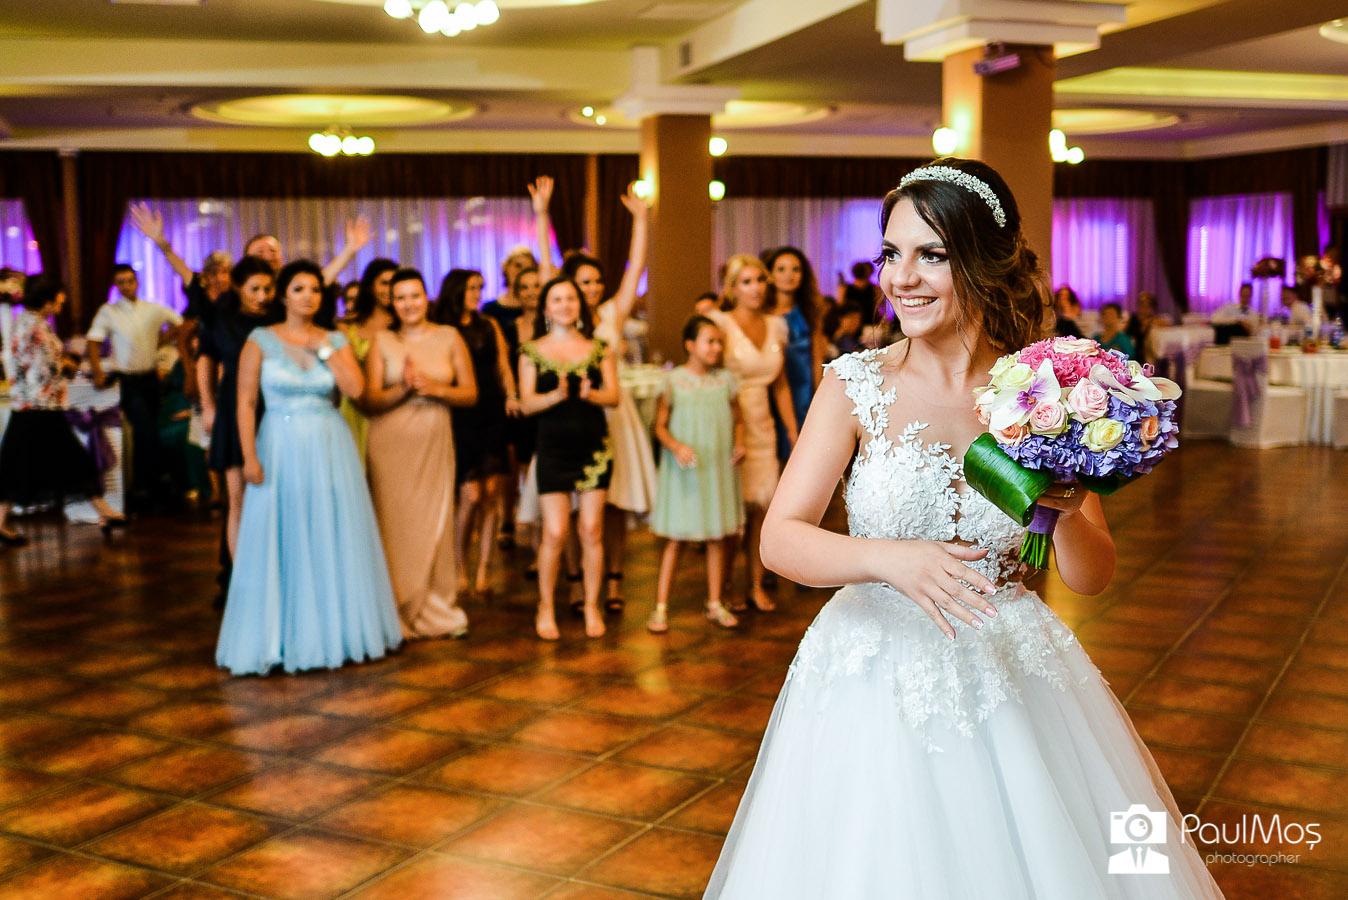 Fotografii nuntă Reșita - Dusan și Fiul, Nunta Resita, fotograf nunta